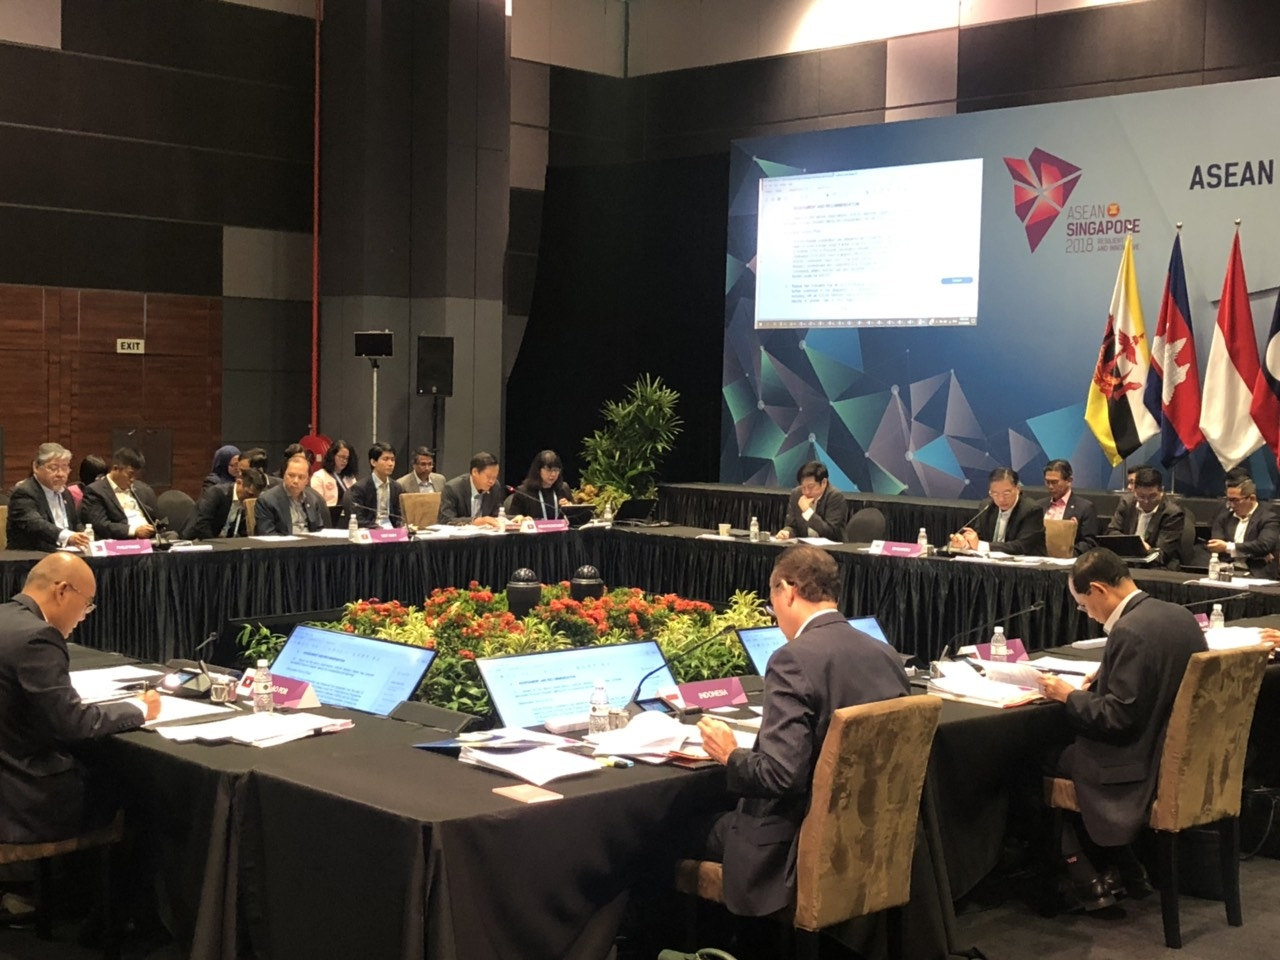 Chuẩn bị cho Hội nghị Cấp cao ASEAN lần thứ 33 và Cấp cao giữa ASEAN với các đối tác